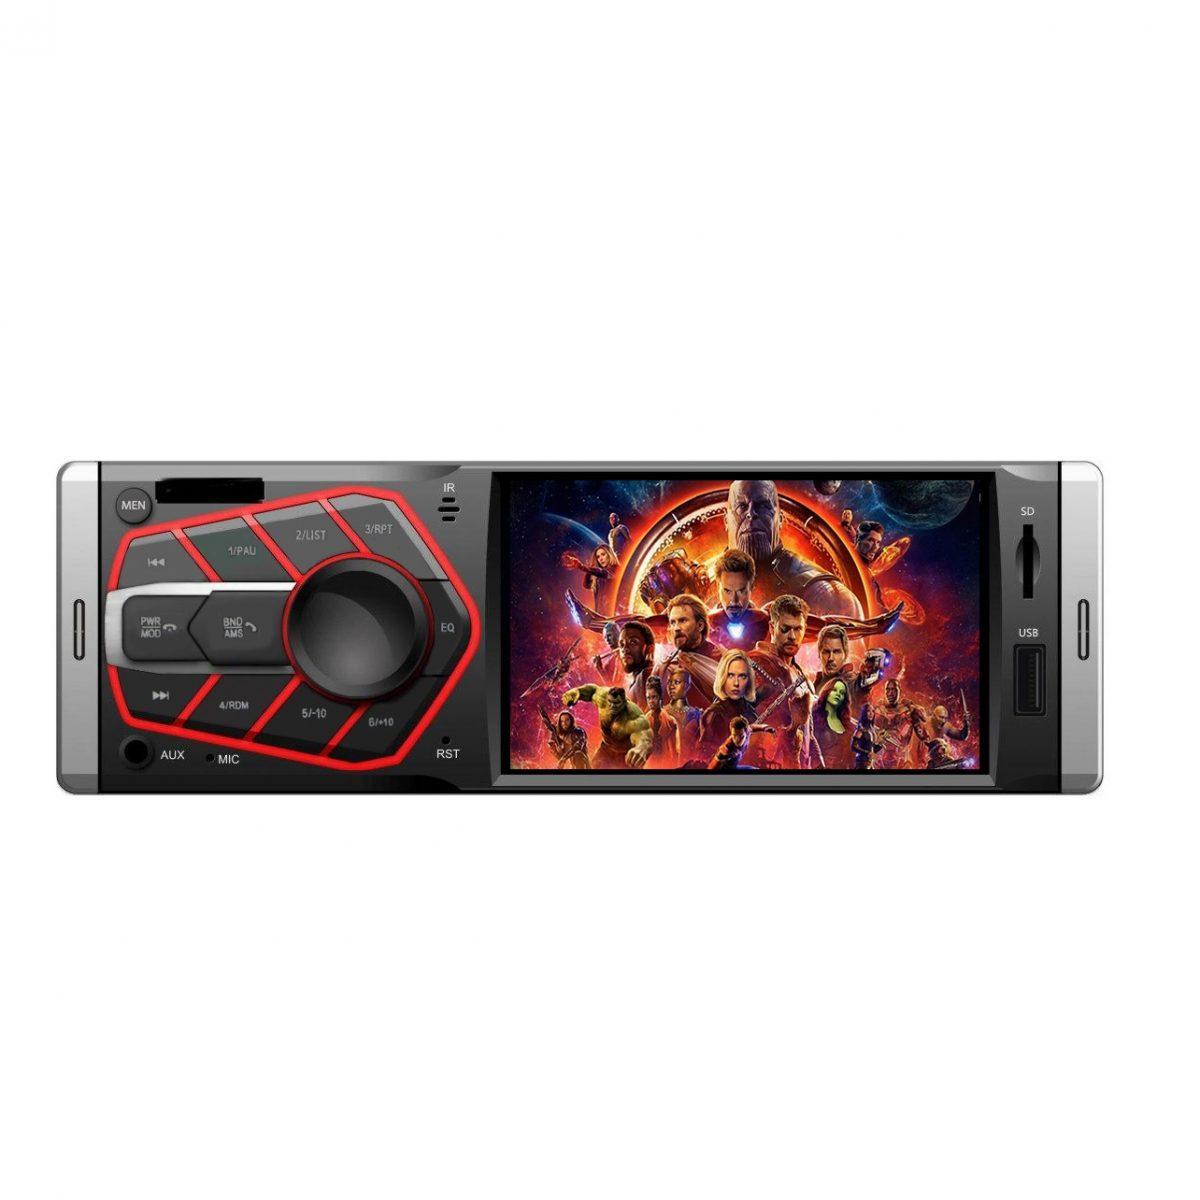 ضبط تصویری خودرو مدل DGX508